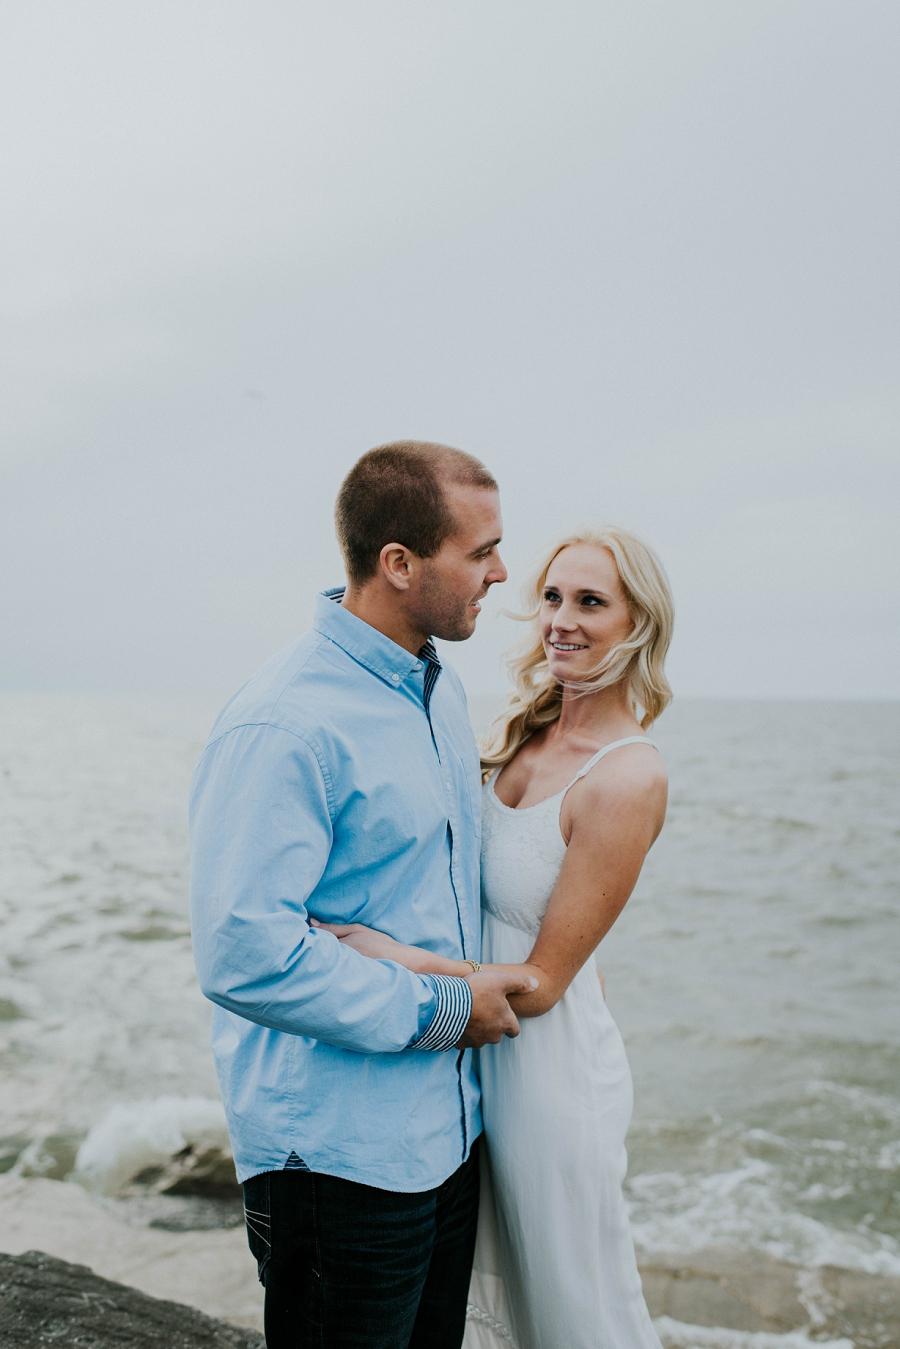 Seaside_Engagement_Nicole+Bryan-55.JPG